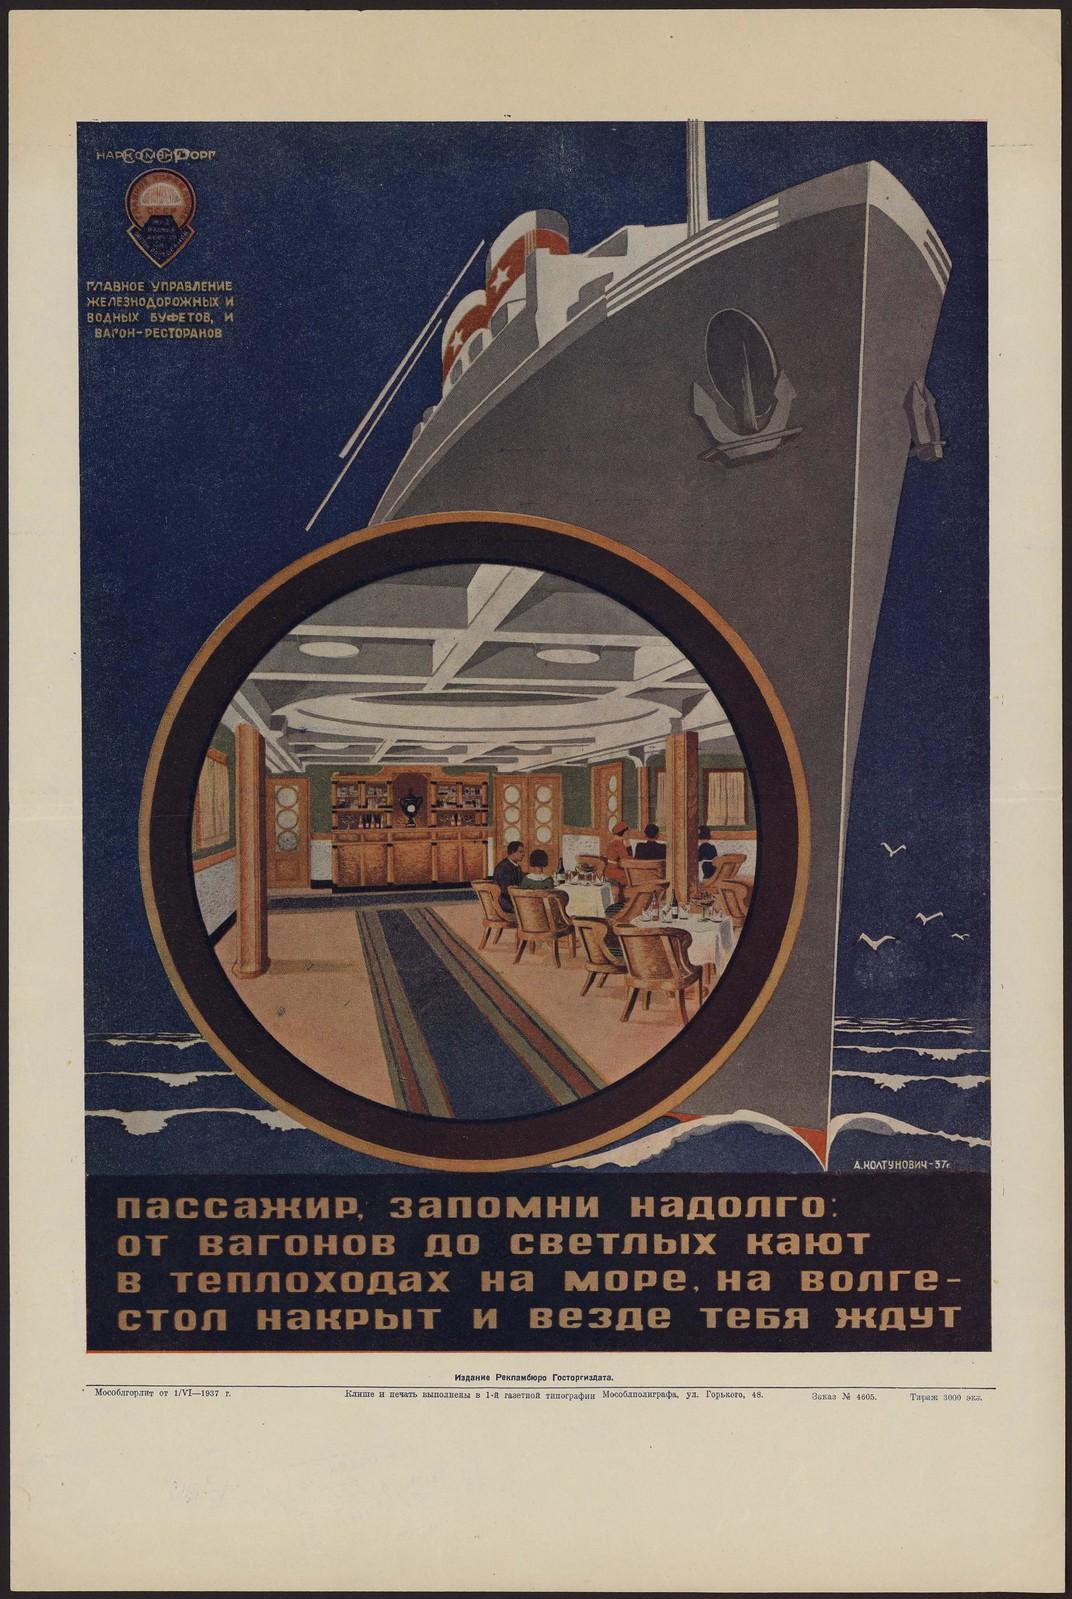 1937. Пассажир, запомни надолго от вагонов до светлых кают в теплоходах на море, на Волге - стол накрыт и везде тебя ждут